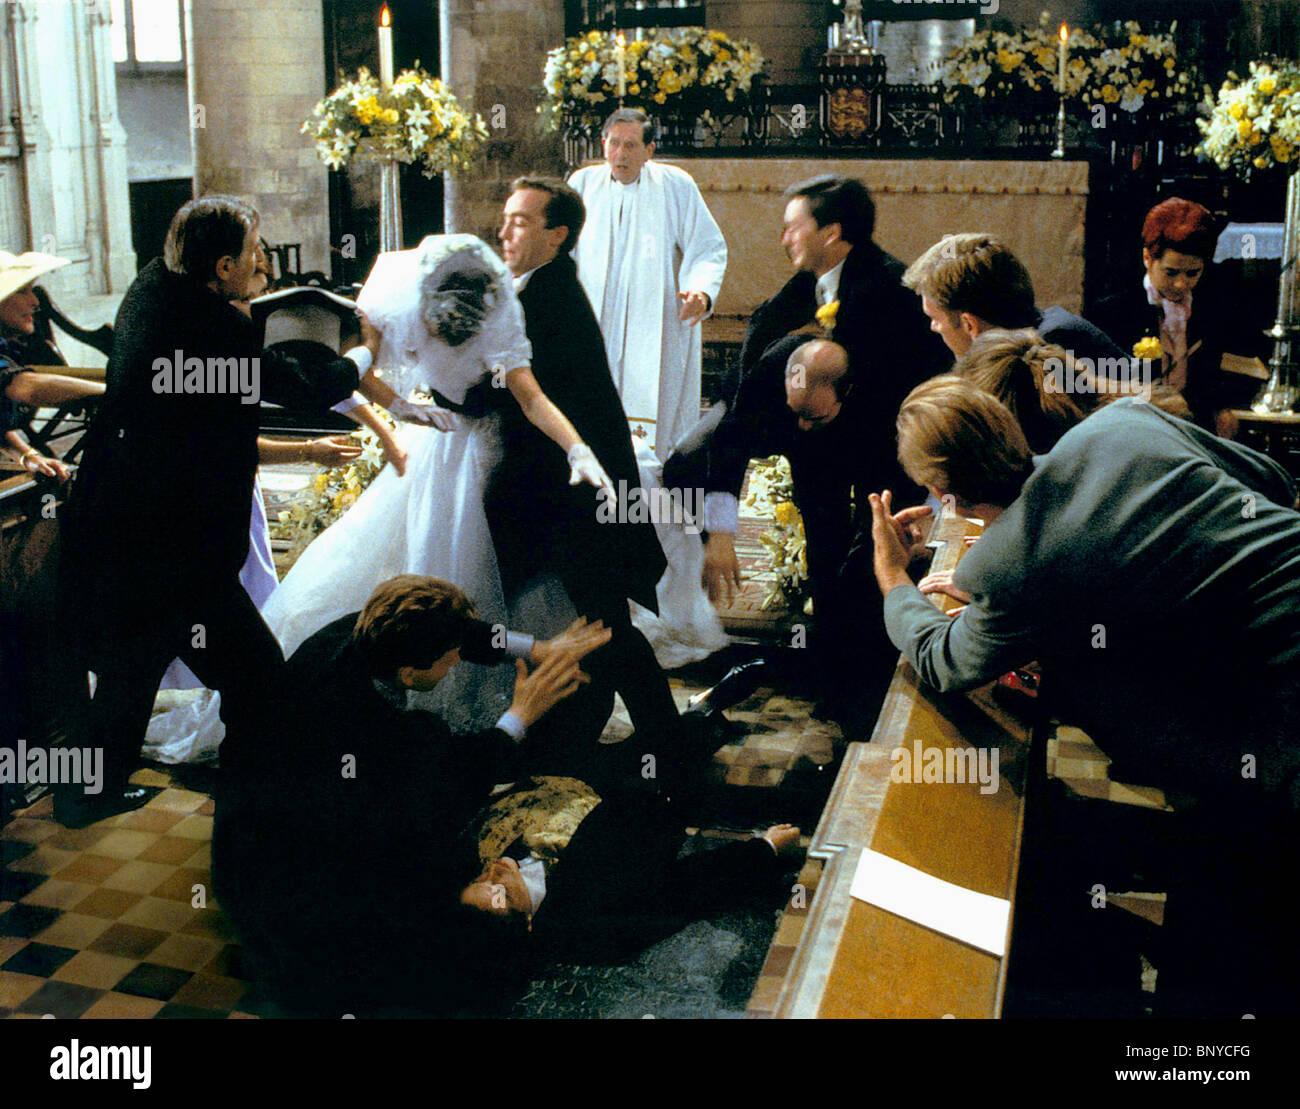 Four Weddings: ANNA CHANCELLOR JOHN HANNAH & HUGH GRANT FOUR WEDDINGS AND